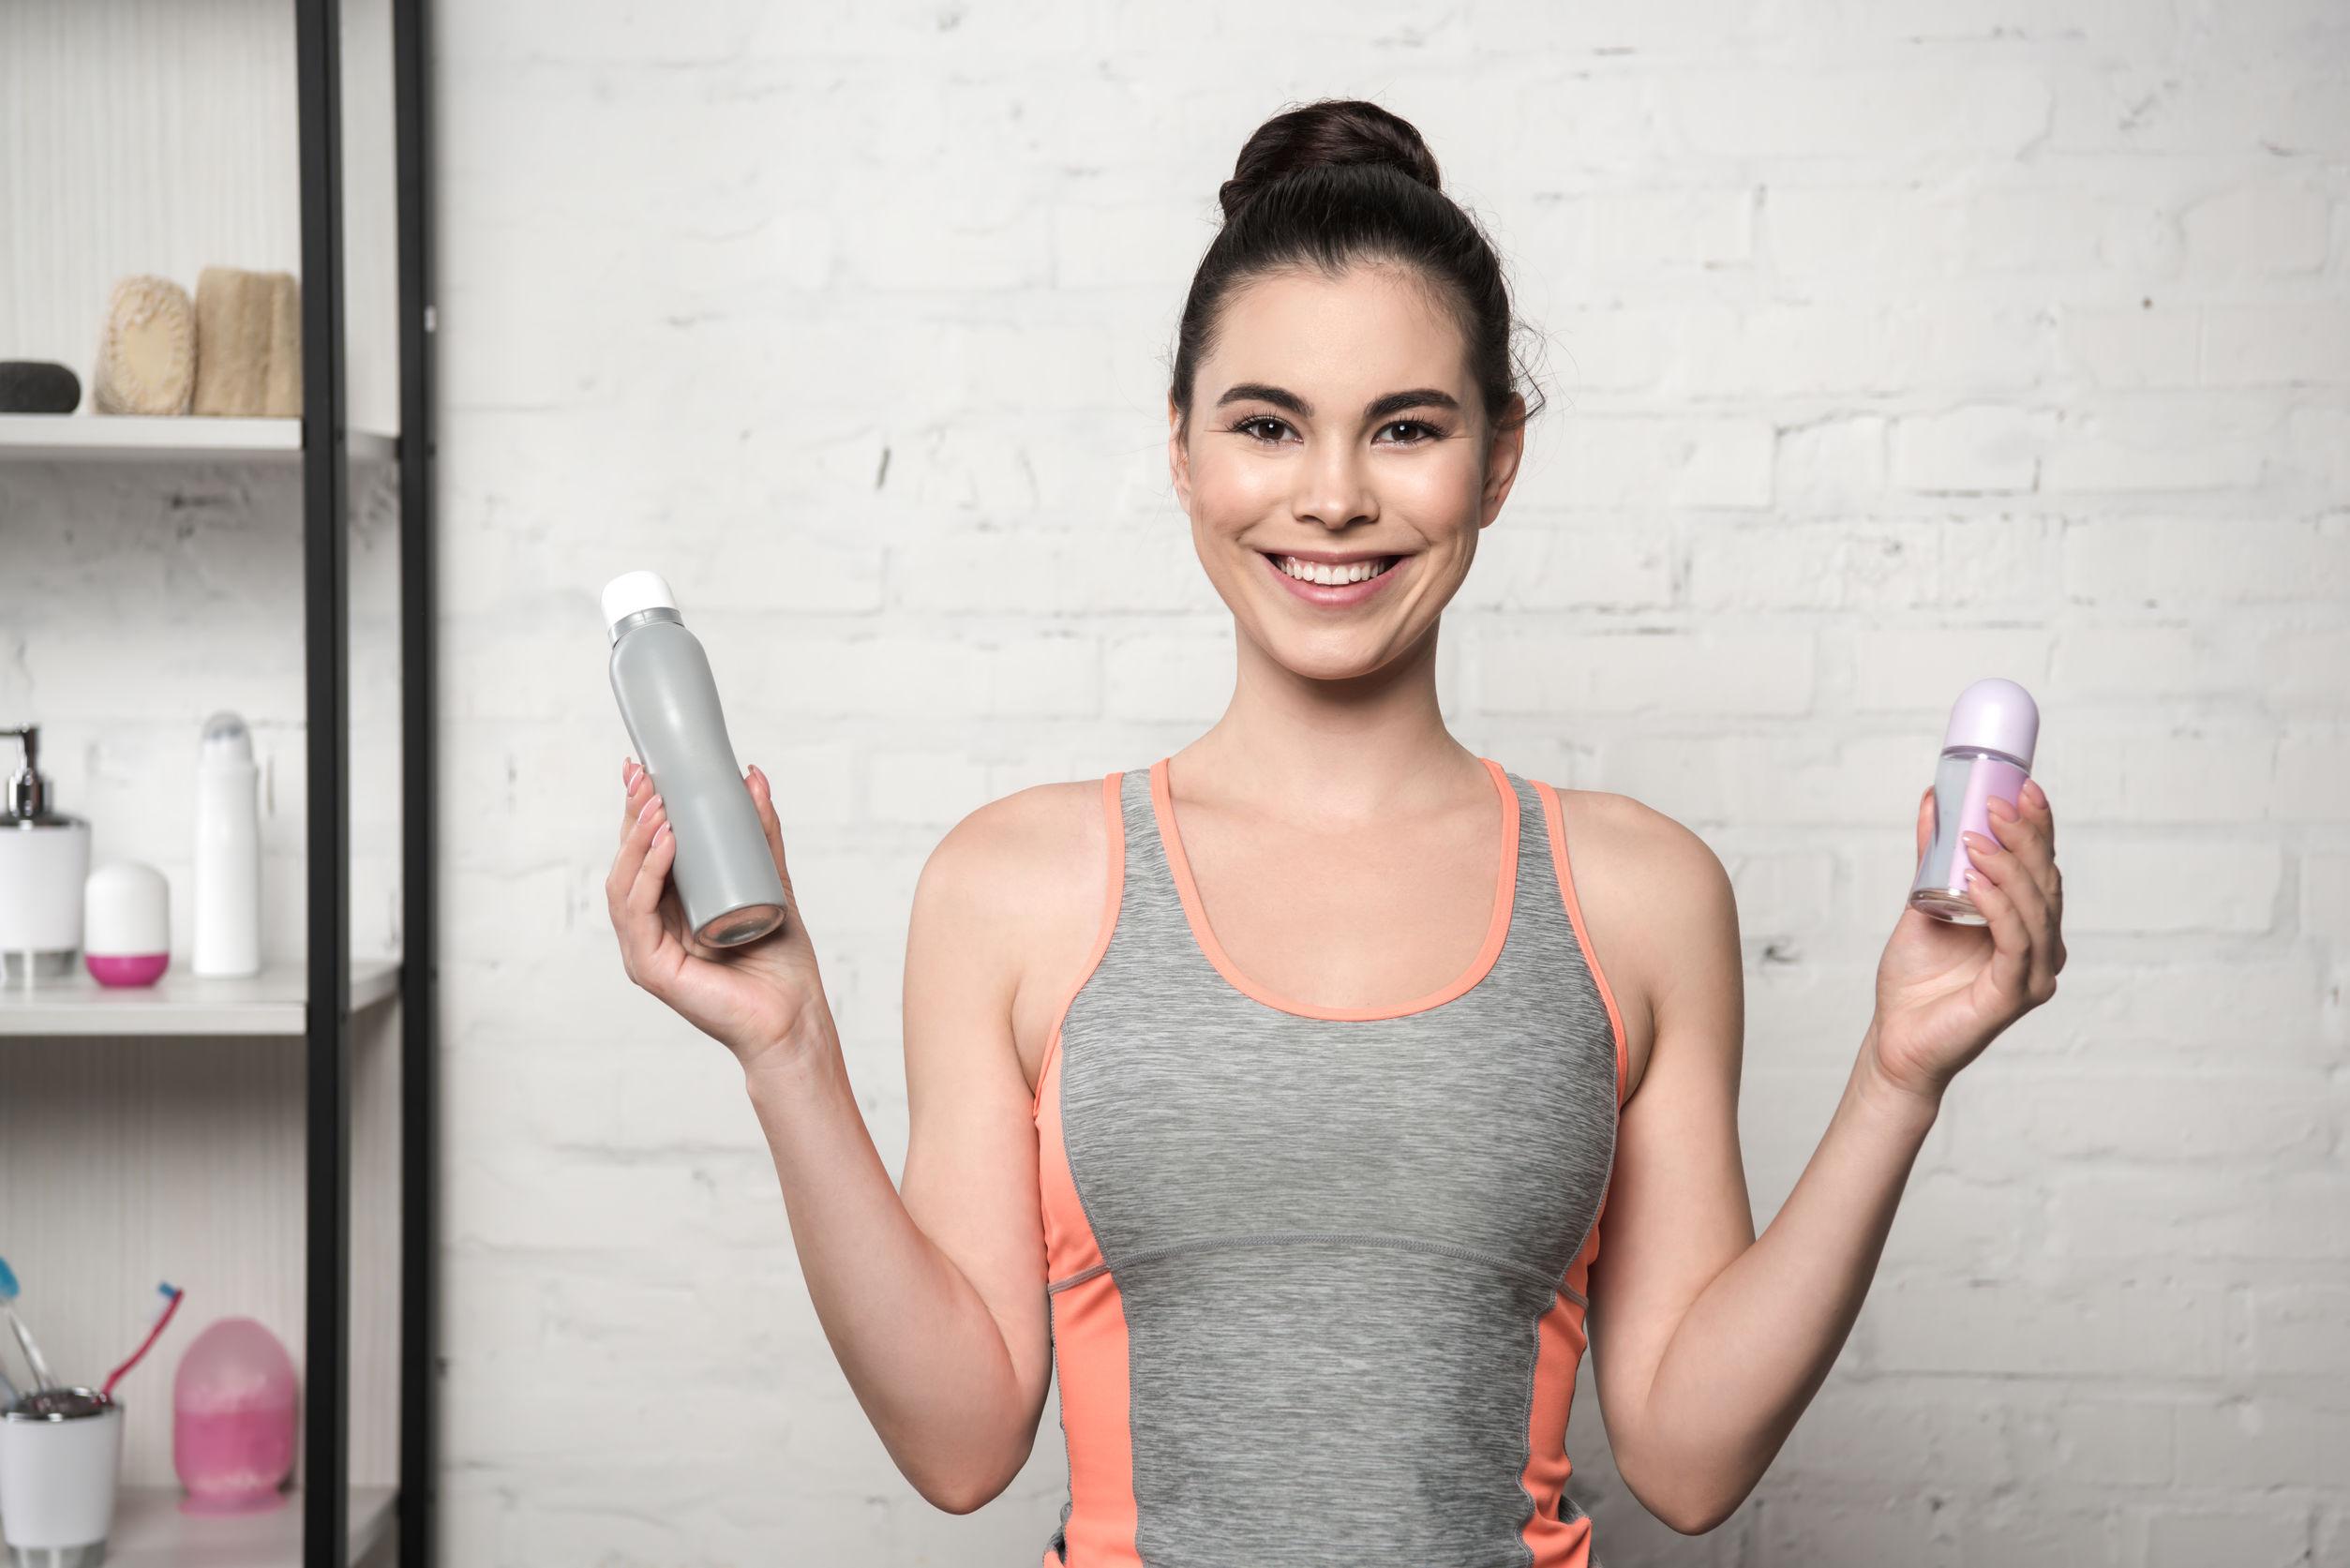 Mujer alegre sonriendo a la cámara mientras sostiene desodorantes